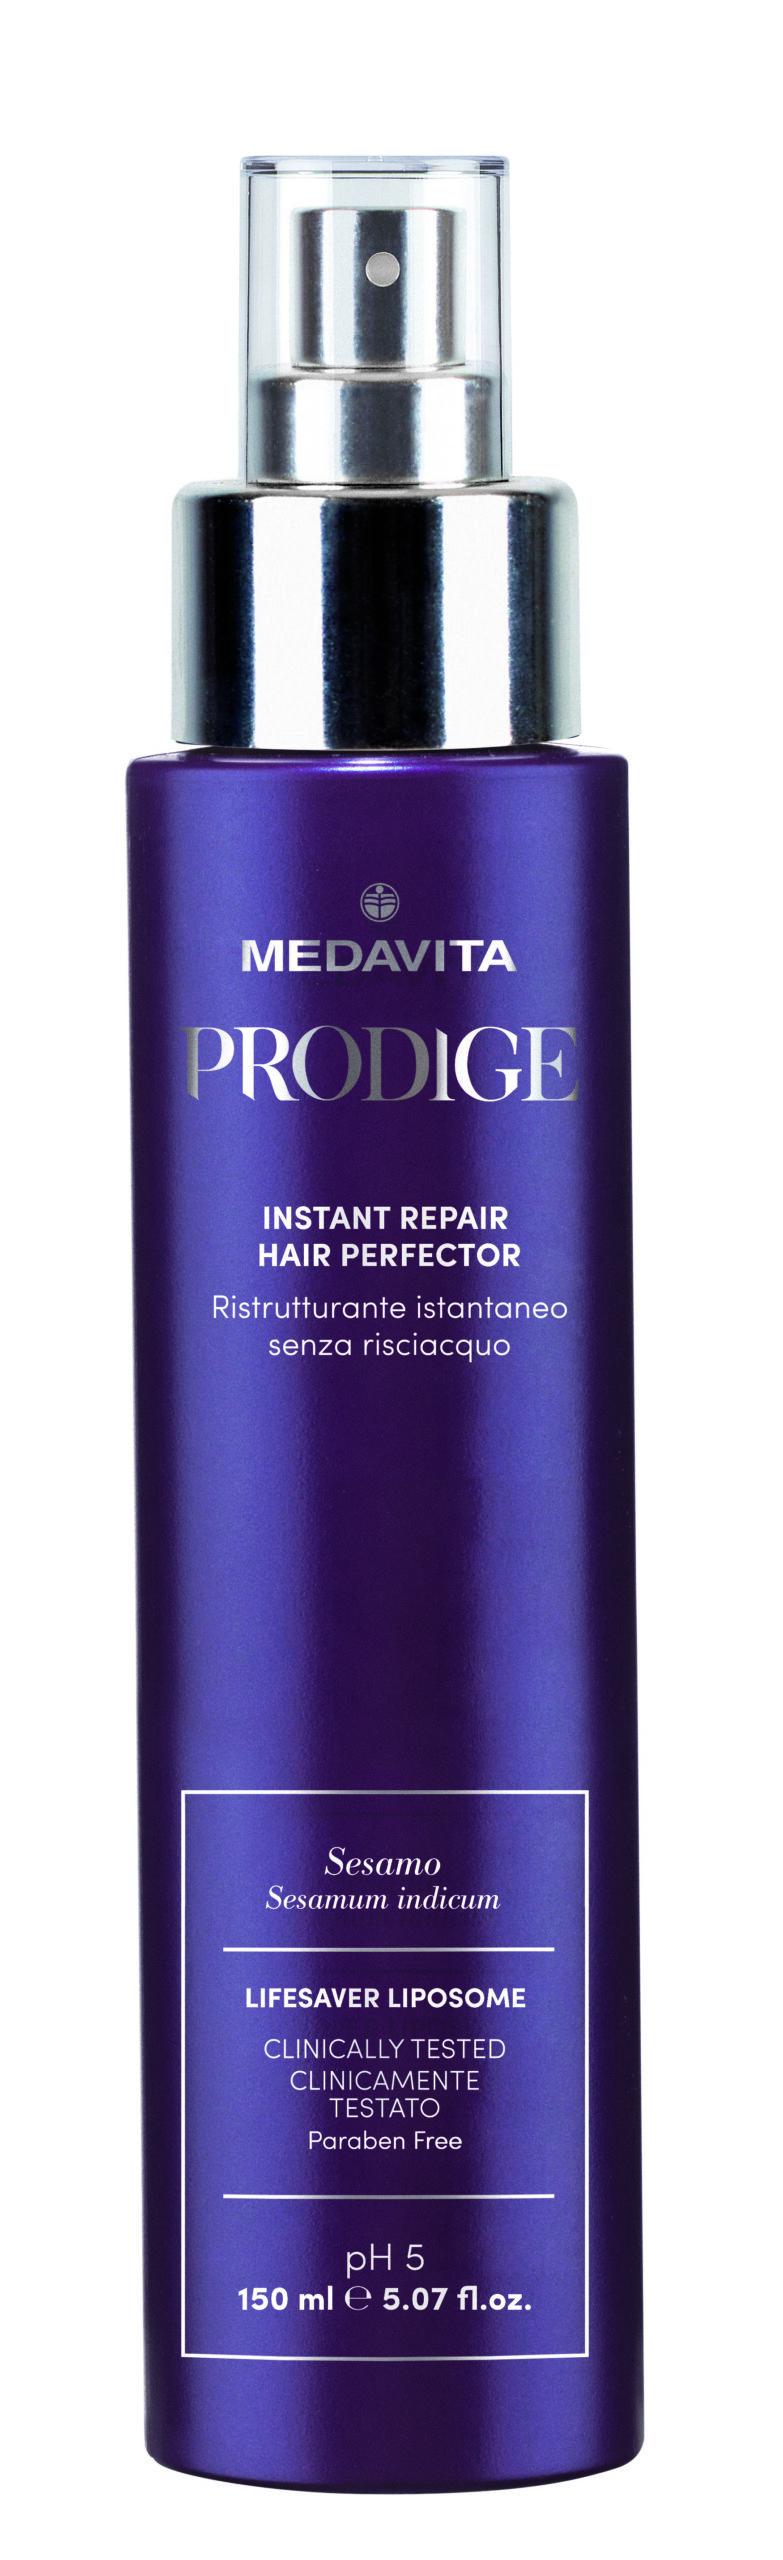 Prodige Instant repair hair perfector мгновенное восстановление структуры волос Medavita Италия 150 мл(р) — фото №1